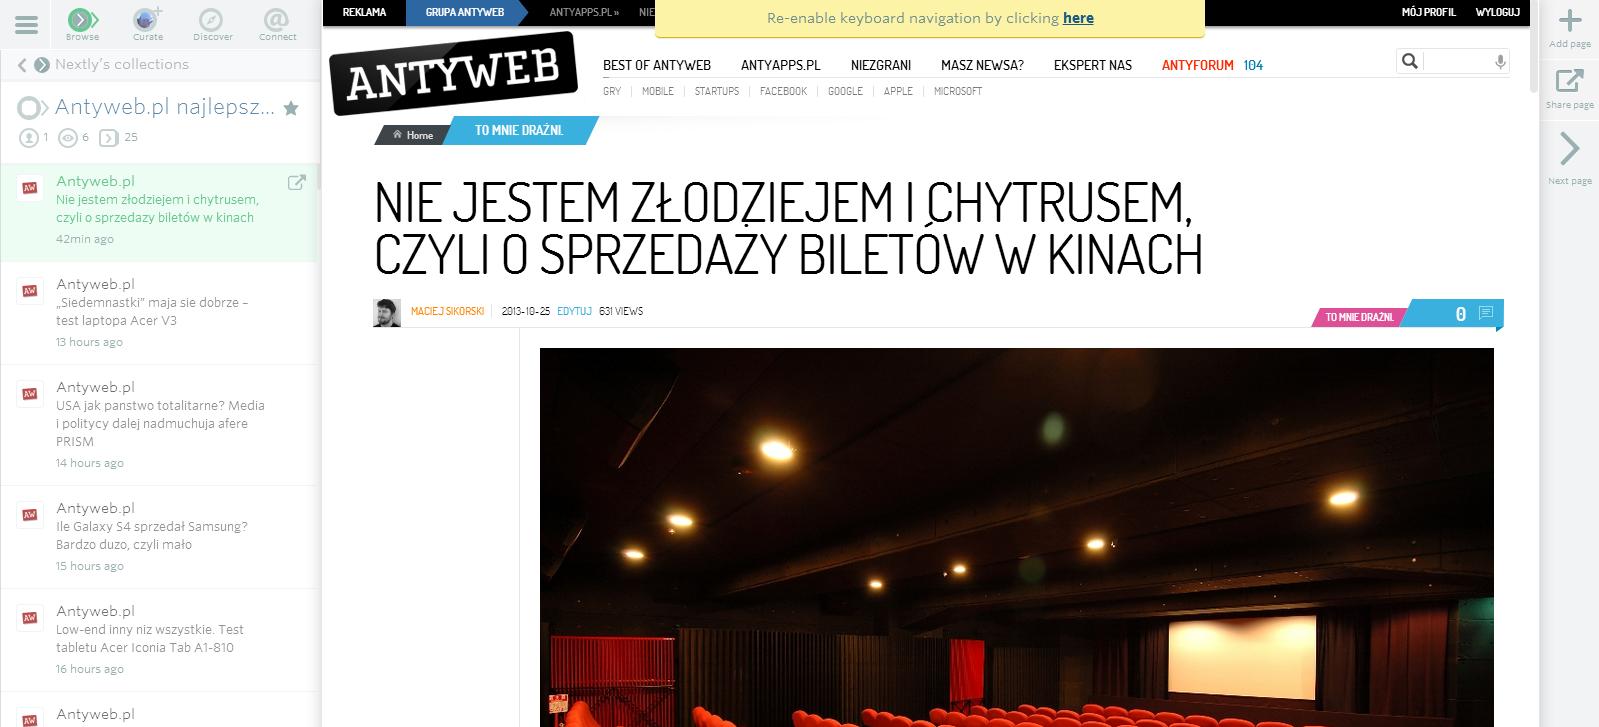 antyweb2